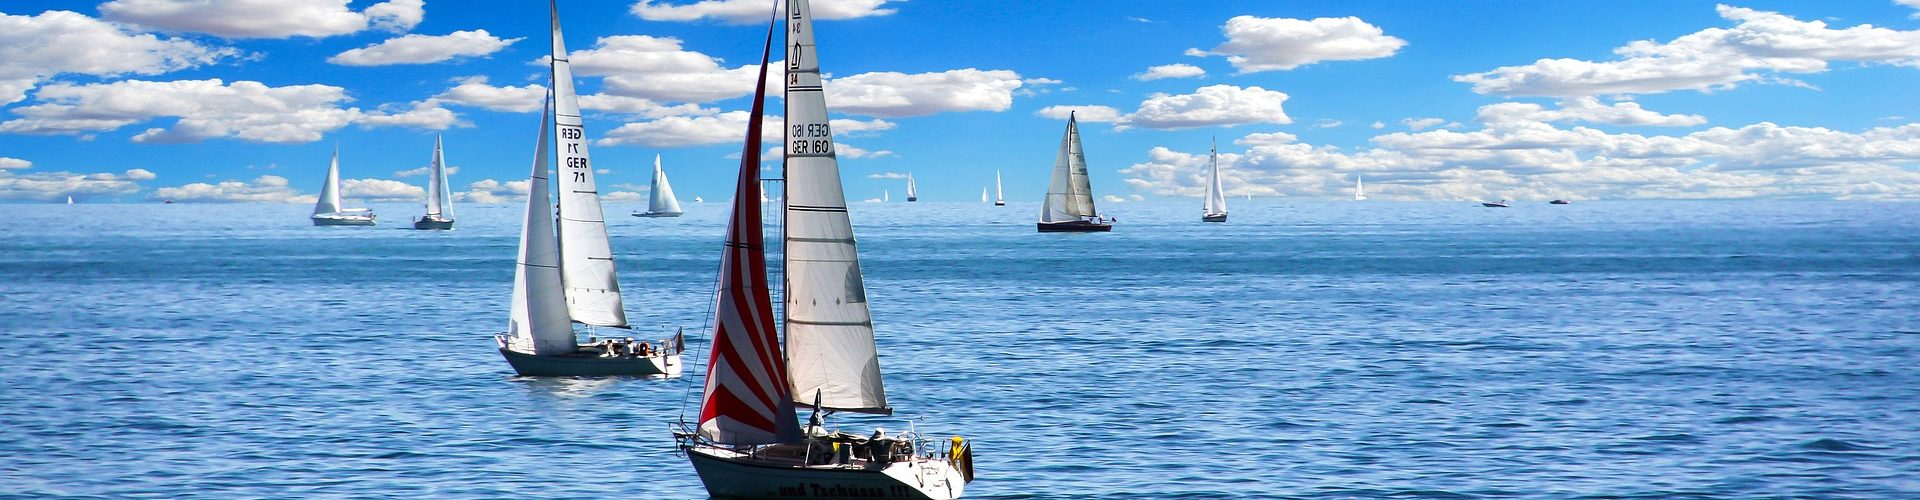 segeln lernen in Freigericht segelschein machen in Freigericht 1920x500 - Segeln lernen in Freigericht